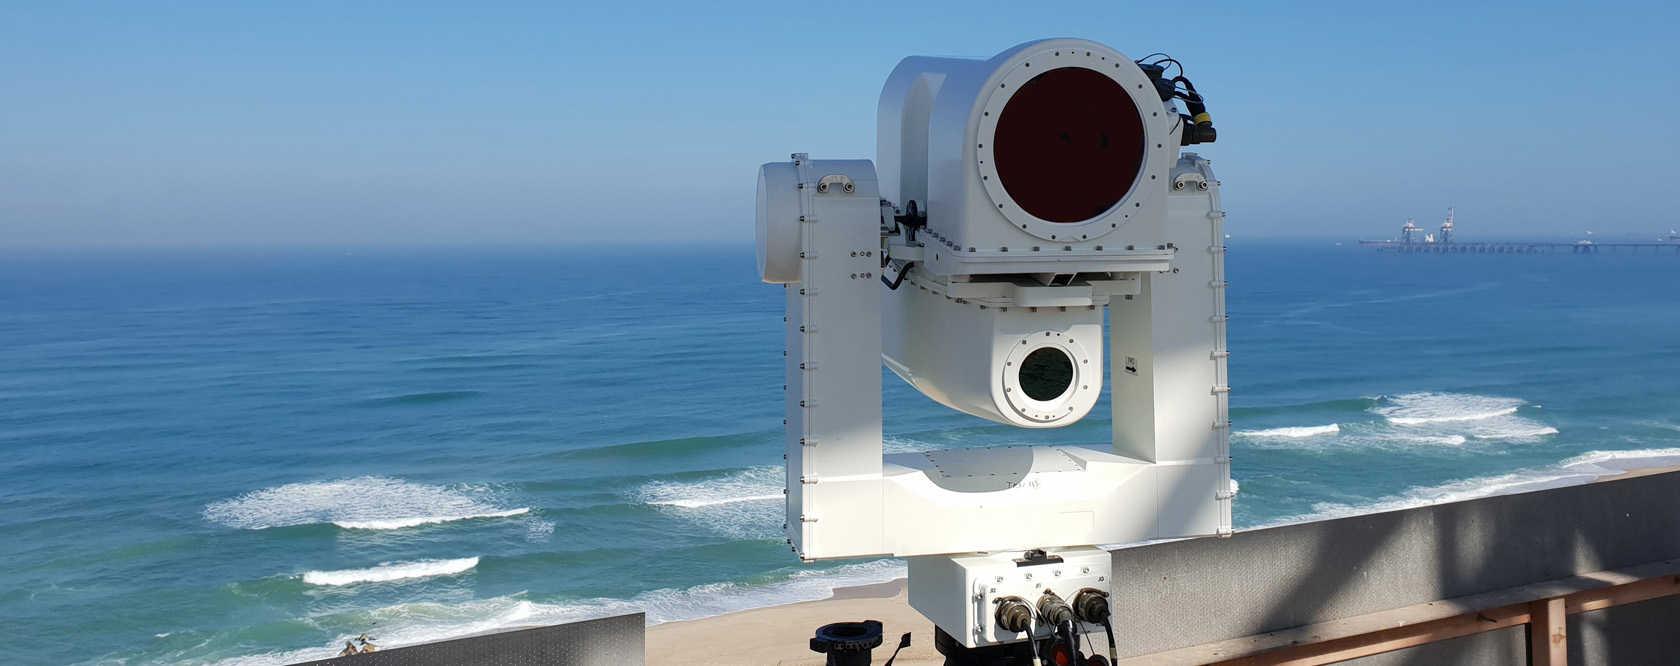 Controp de Israel suministrará sistemas electro-ópticos para la guardia fronteriza de Vietnam